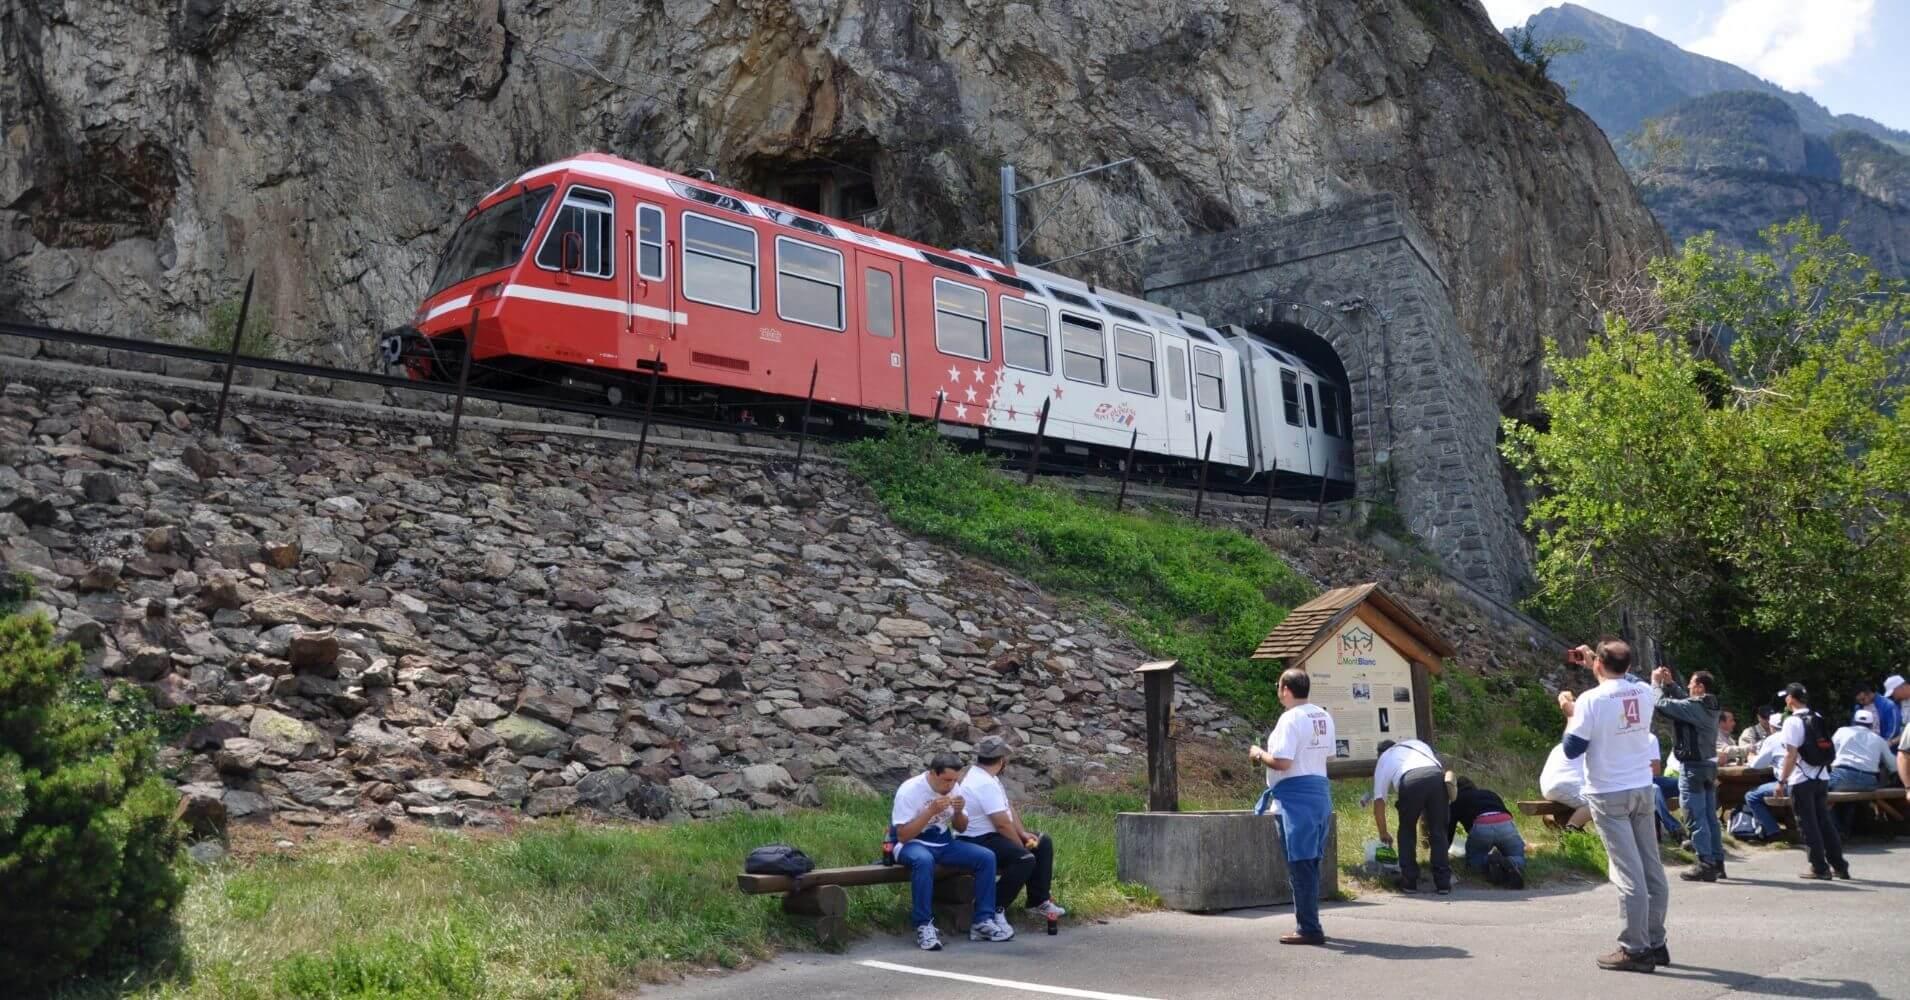 Parada de tren en Les Gorges du Trient. Valais, Suiza.